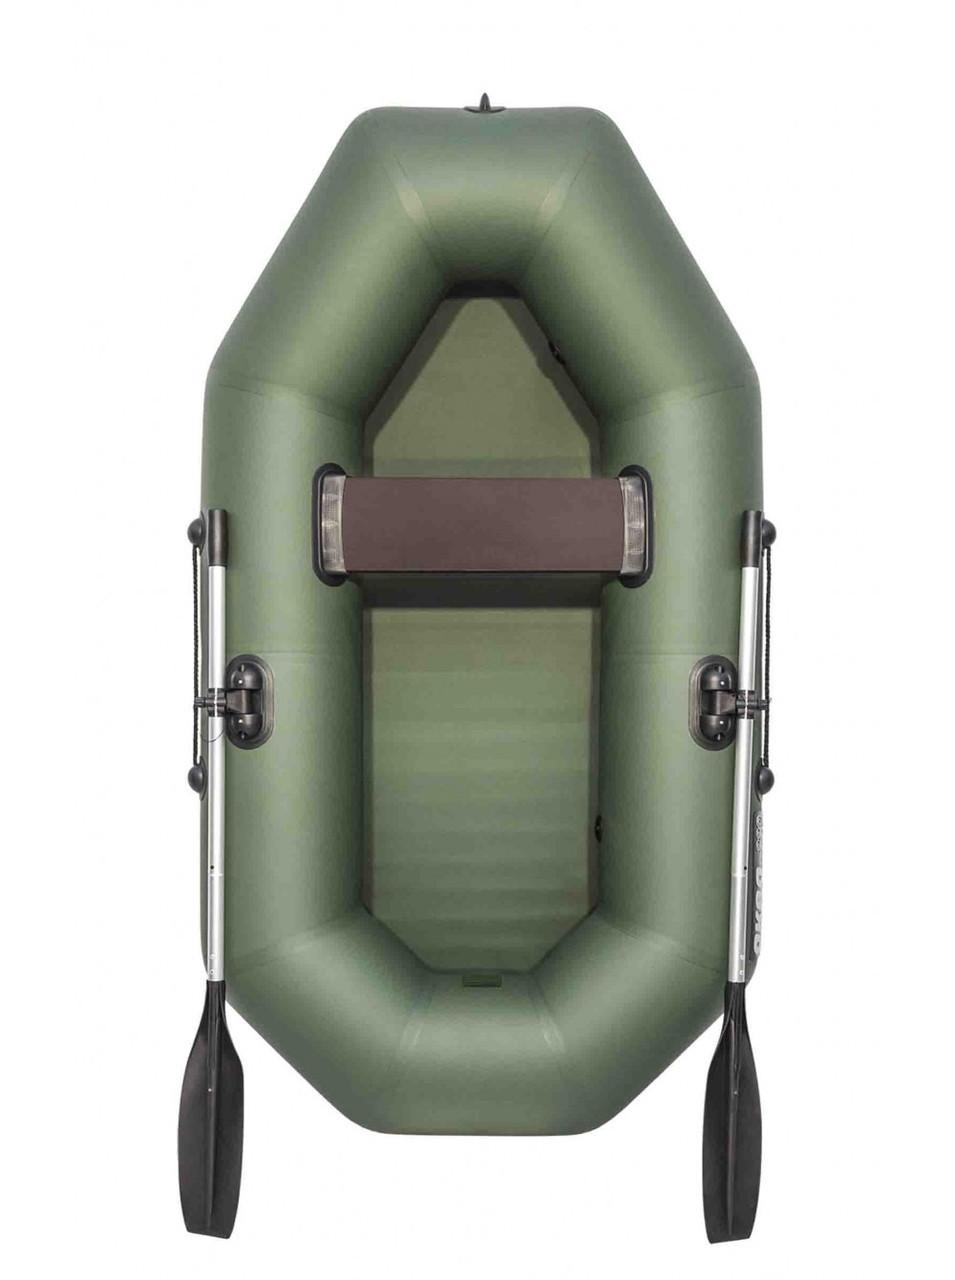 Лодка гребная надувная плоскодонная Аква Оптима 240, Грузоподъемность: 170кг, Вместимость: 2 чел., Кол-во отсе